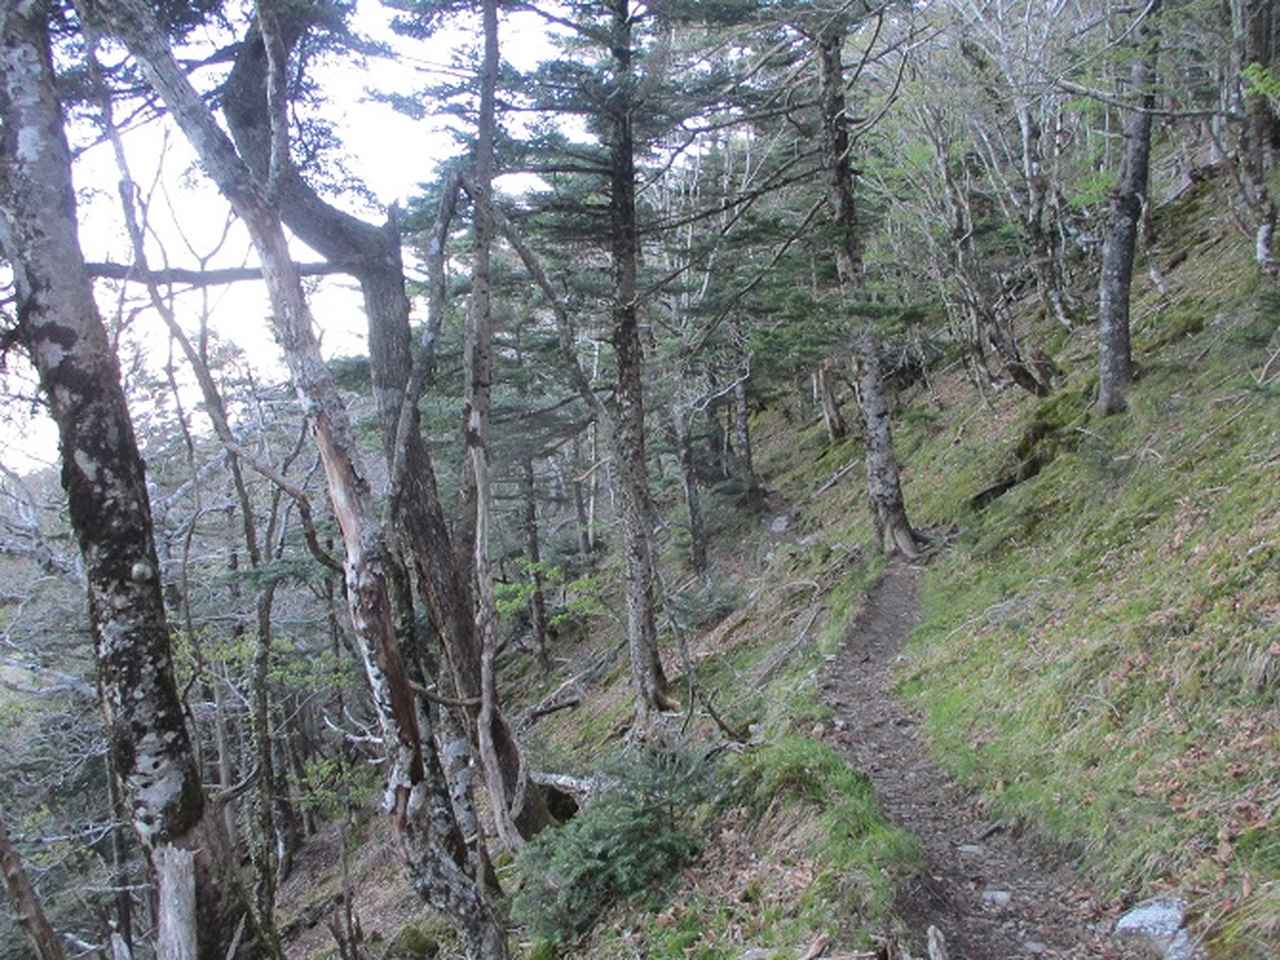 画像7: 来年の宿泊ツアーの企画の素材を探して奈良県の大峰山に行ってきました!